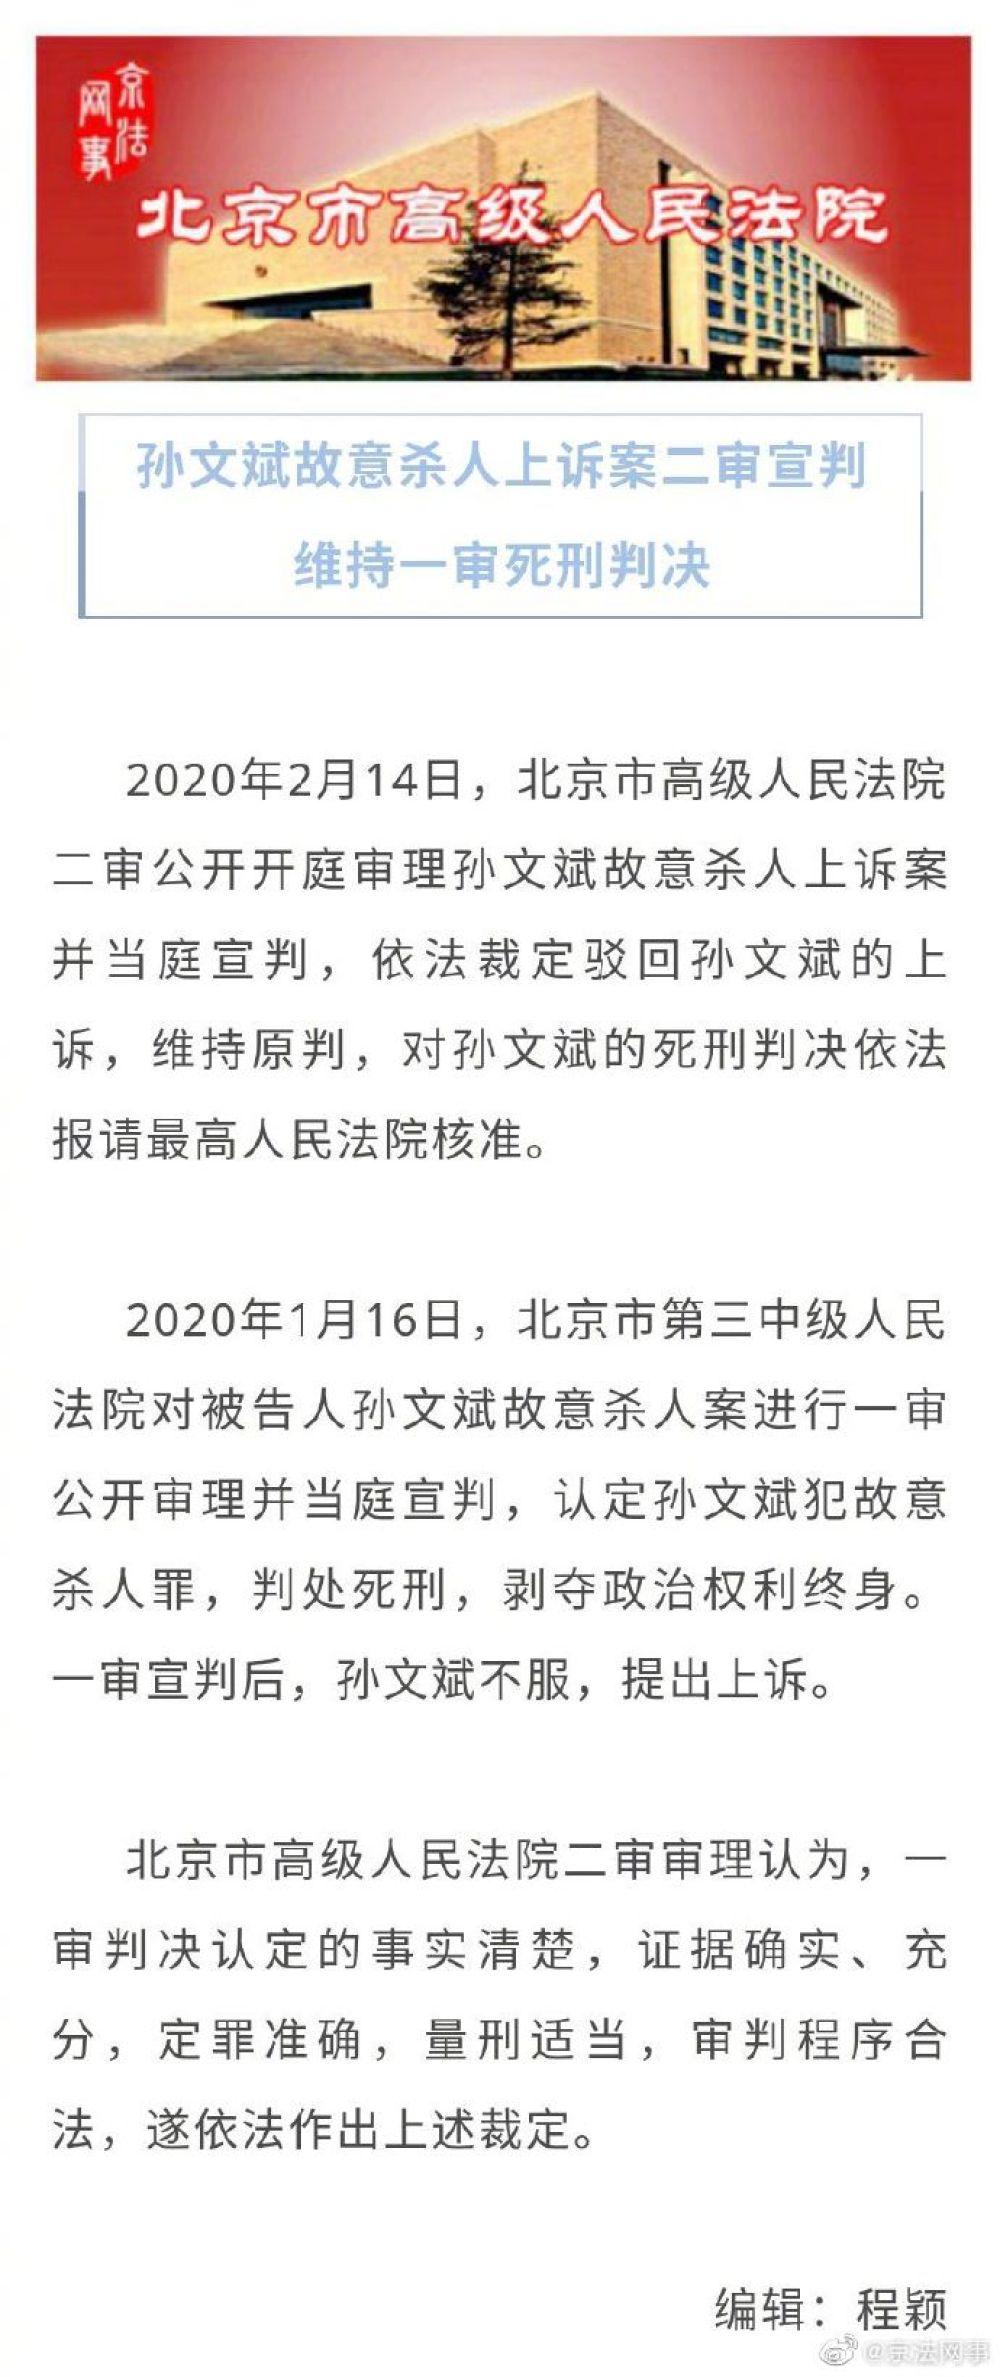 孙文斌故意杀人上诉案二审宣判 维持一审死刑判决